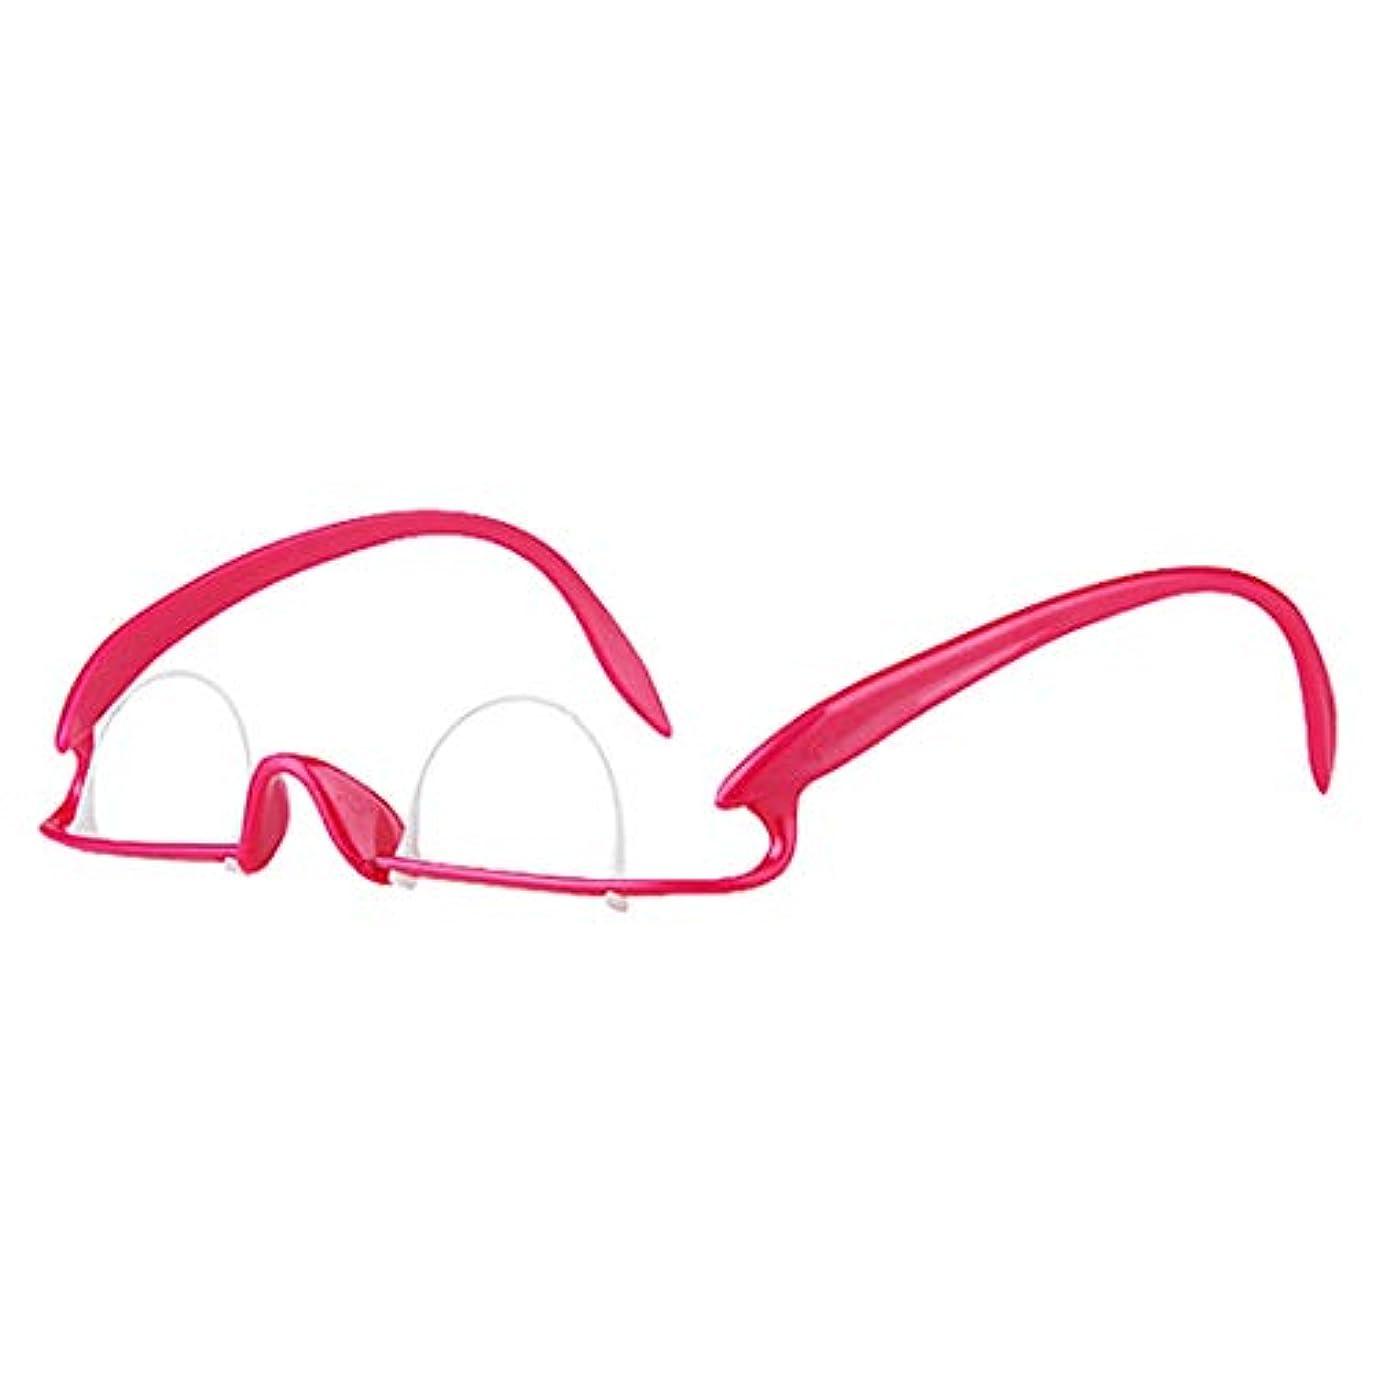 遮る研磨作物億騰 二重まぶた用メガネ 二重まぶた運動 二重まぶた形成 二重まぶた運動器 メガネトレーナー